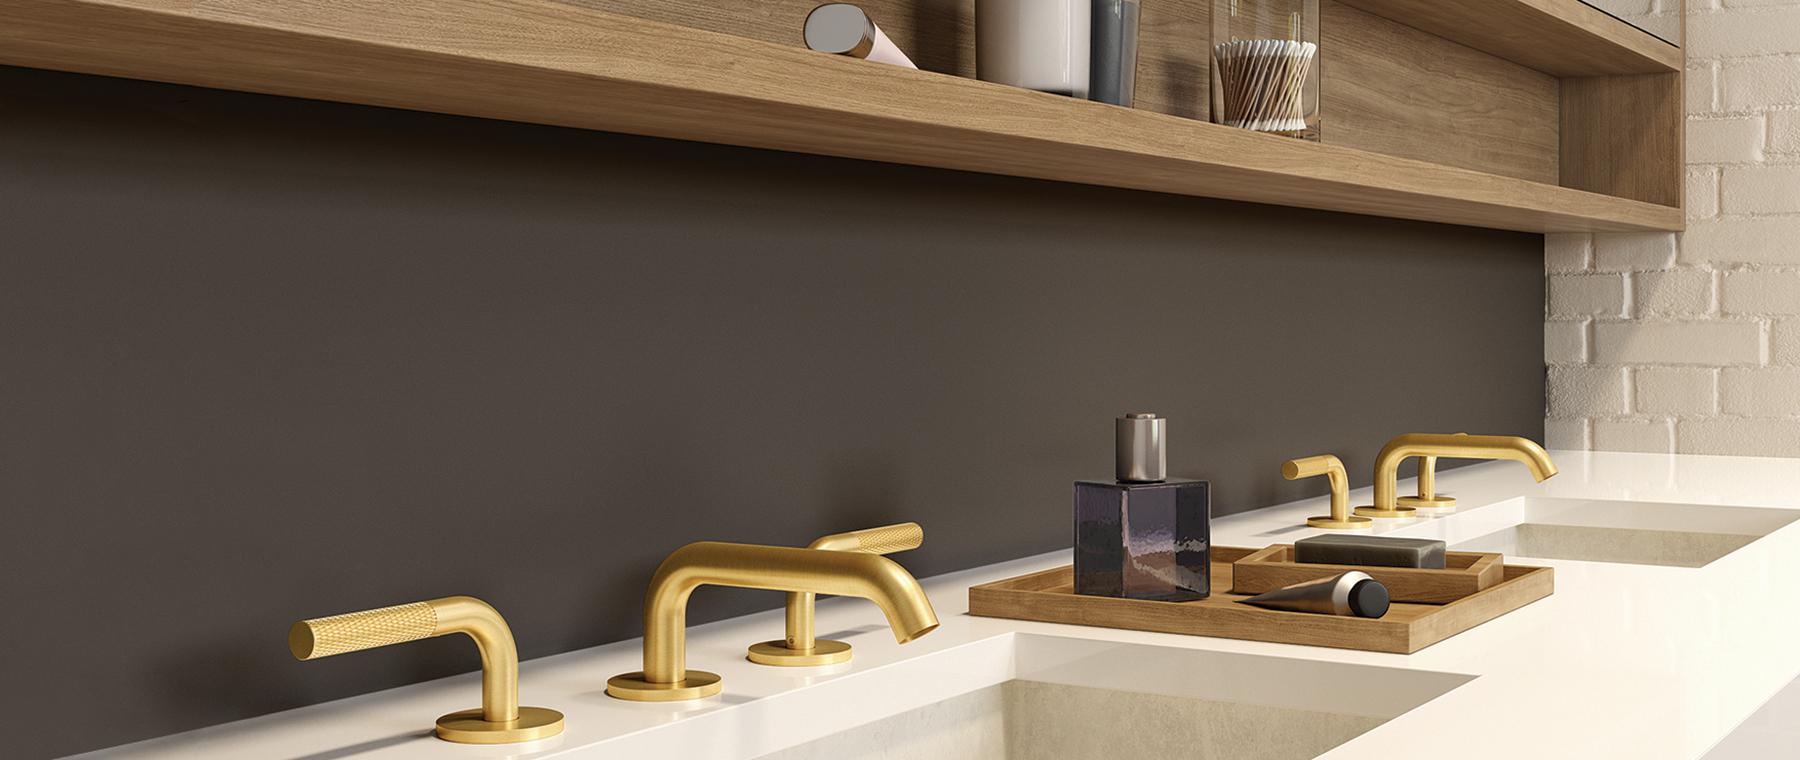 aquabrass robinetterie de salle de bain